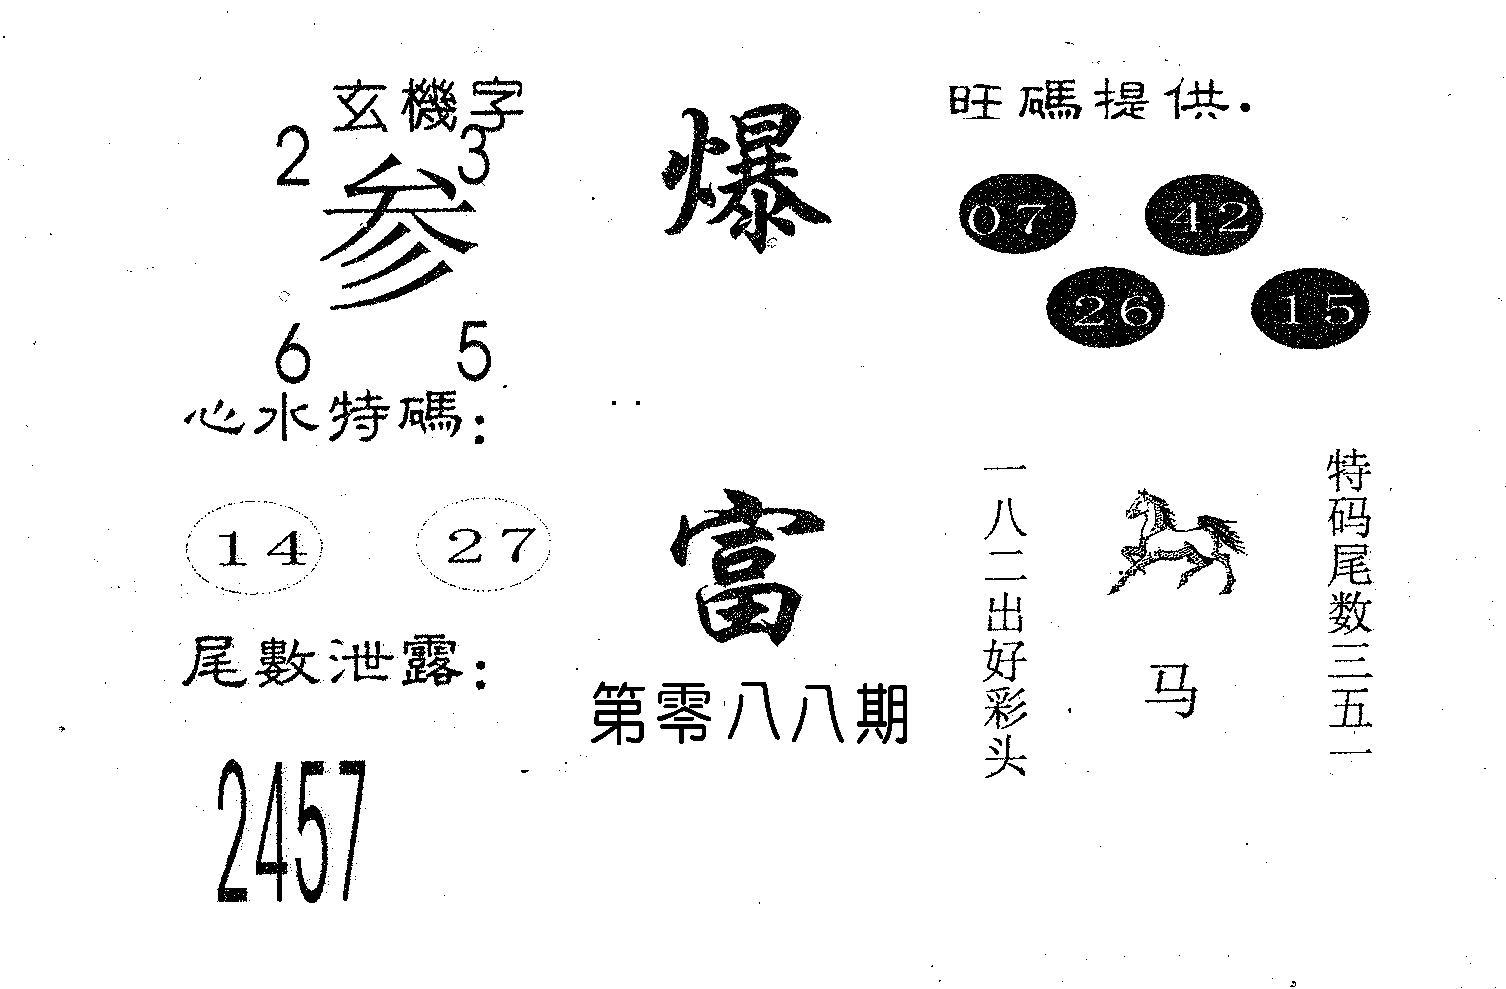 088期爆富(黑白)